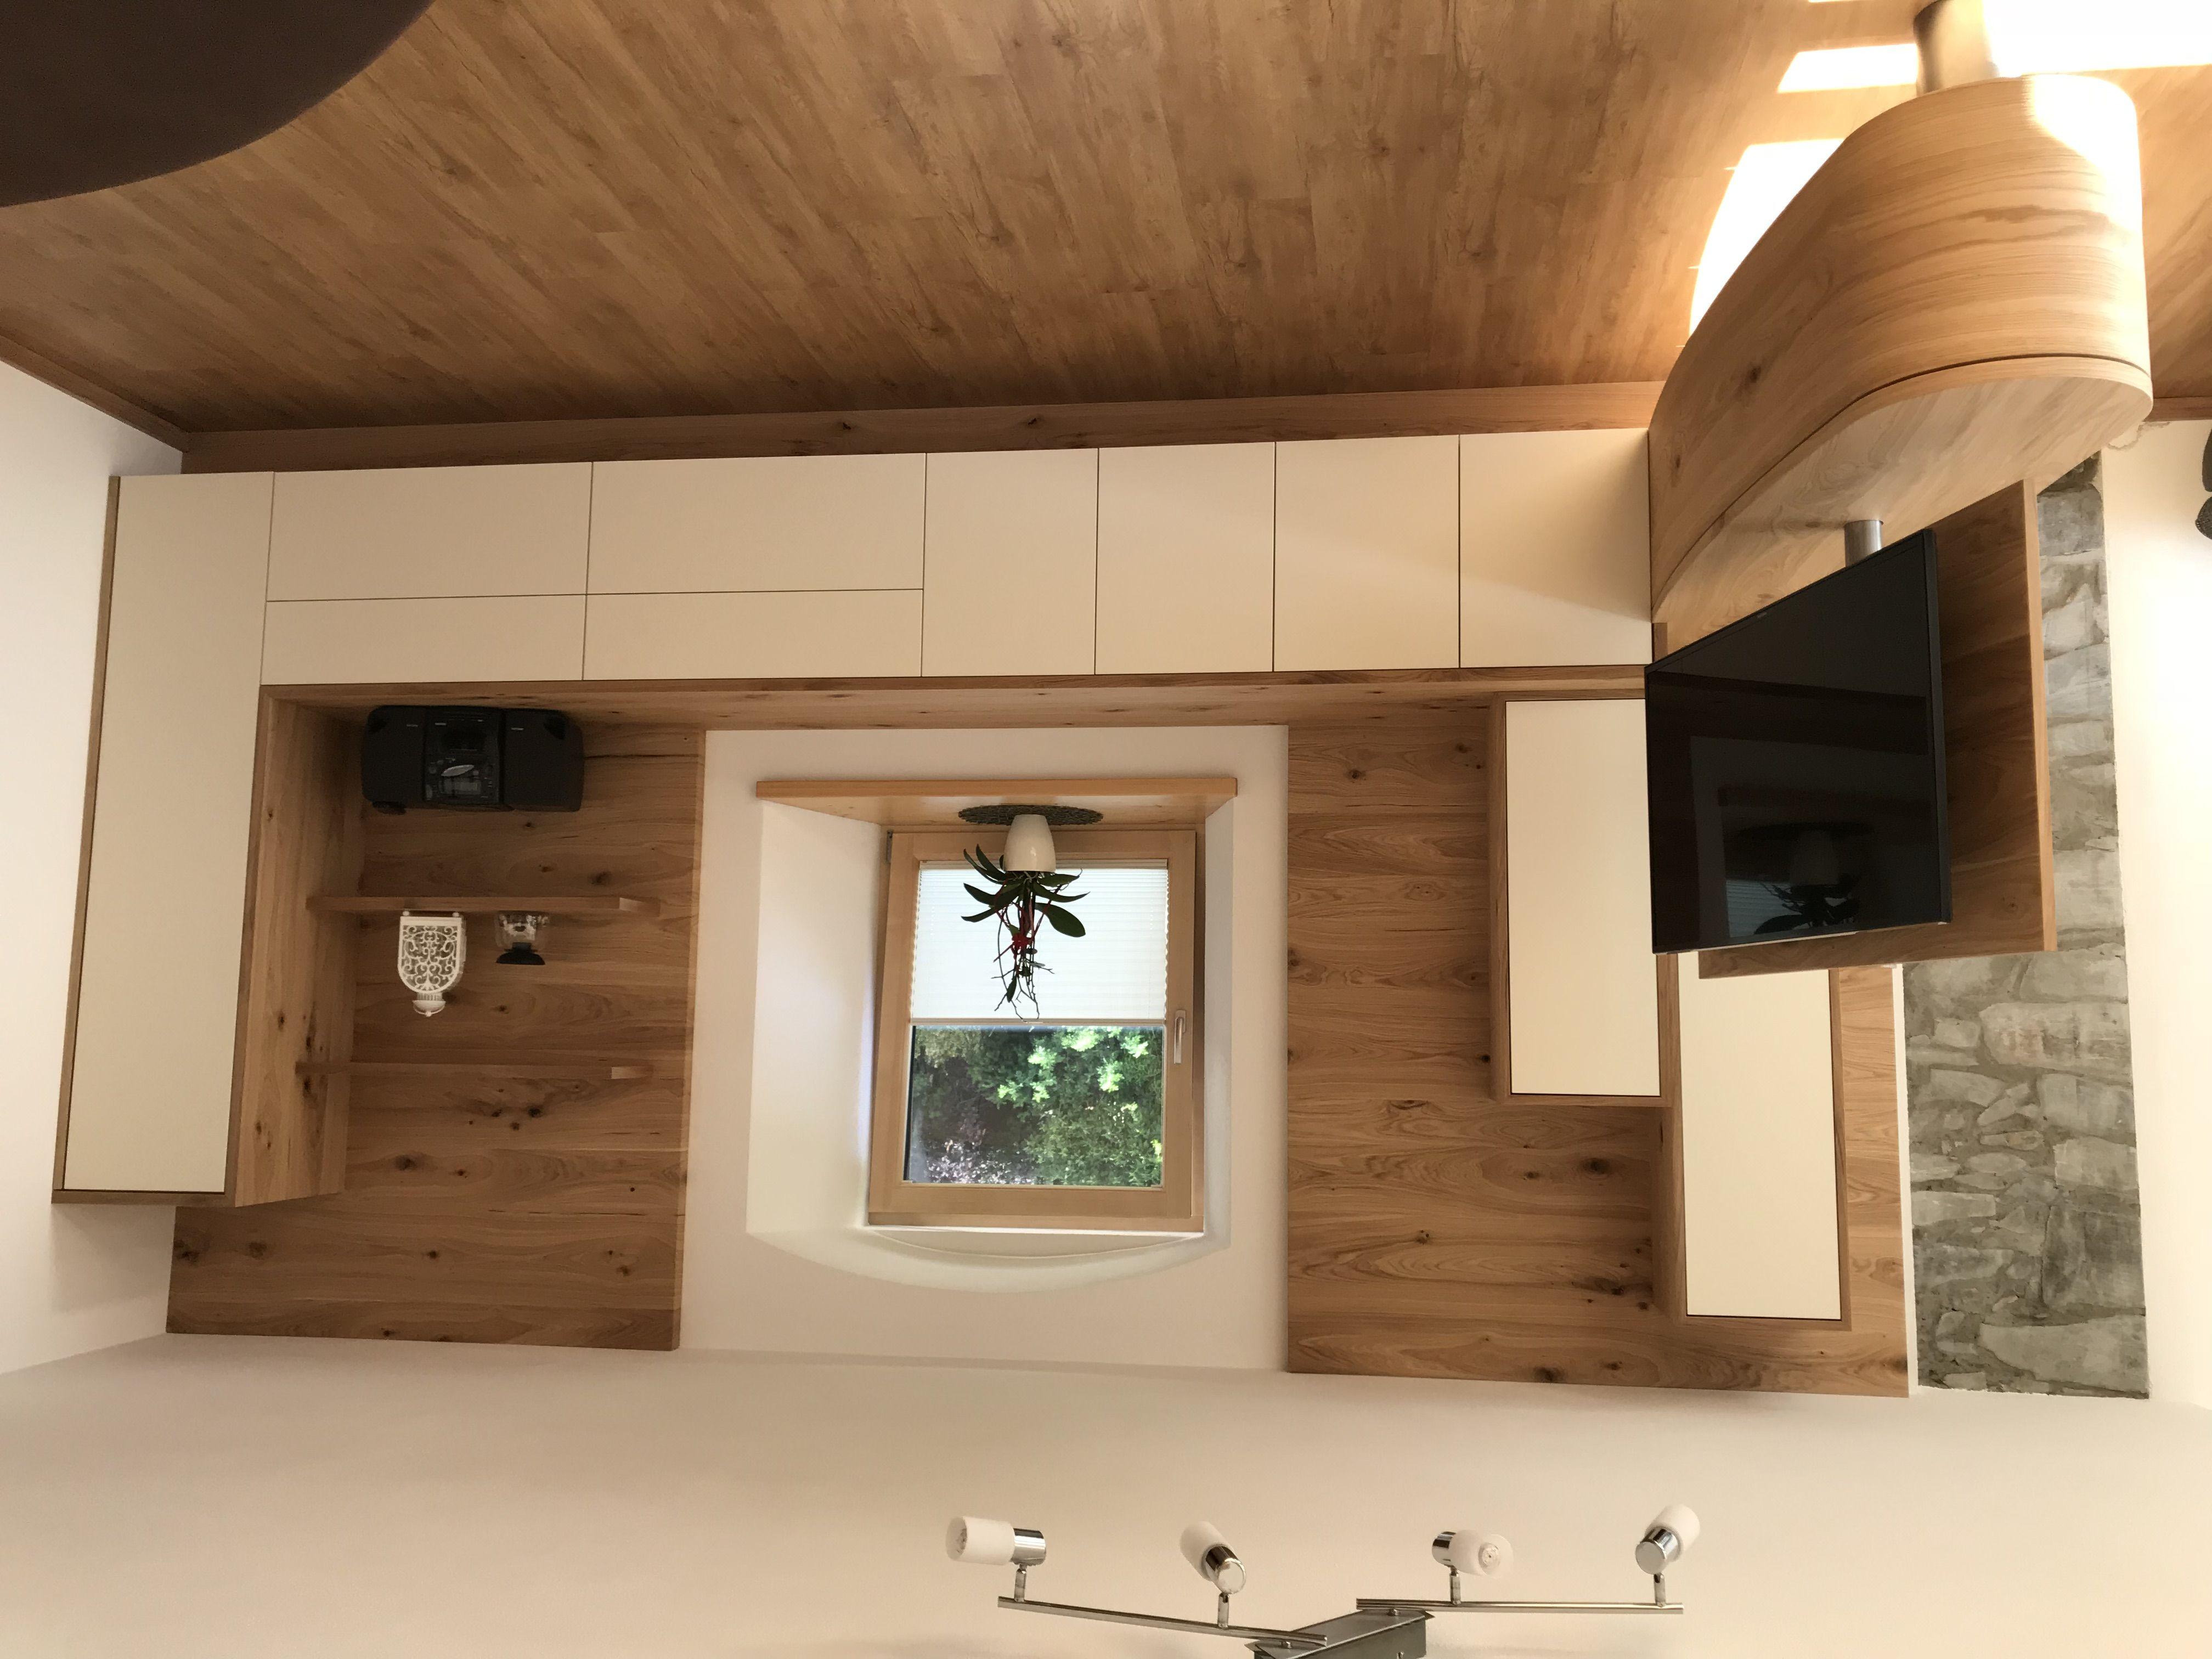 Wohnzimmer Tischlerei Mosl Dekoration Wohnideen Wohnzimmer